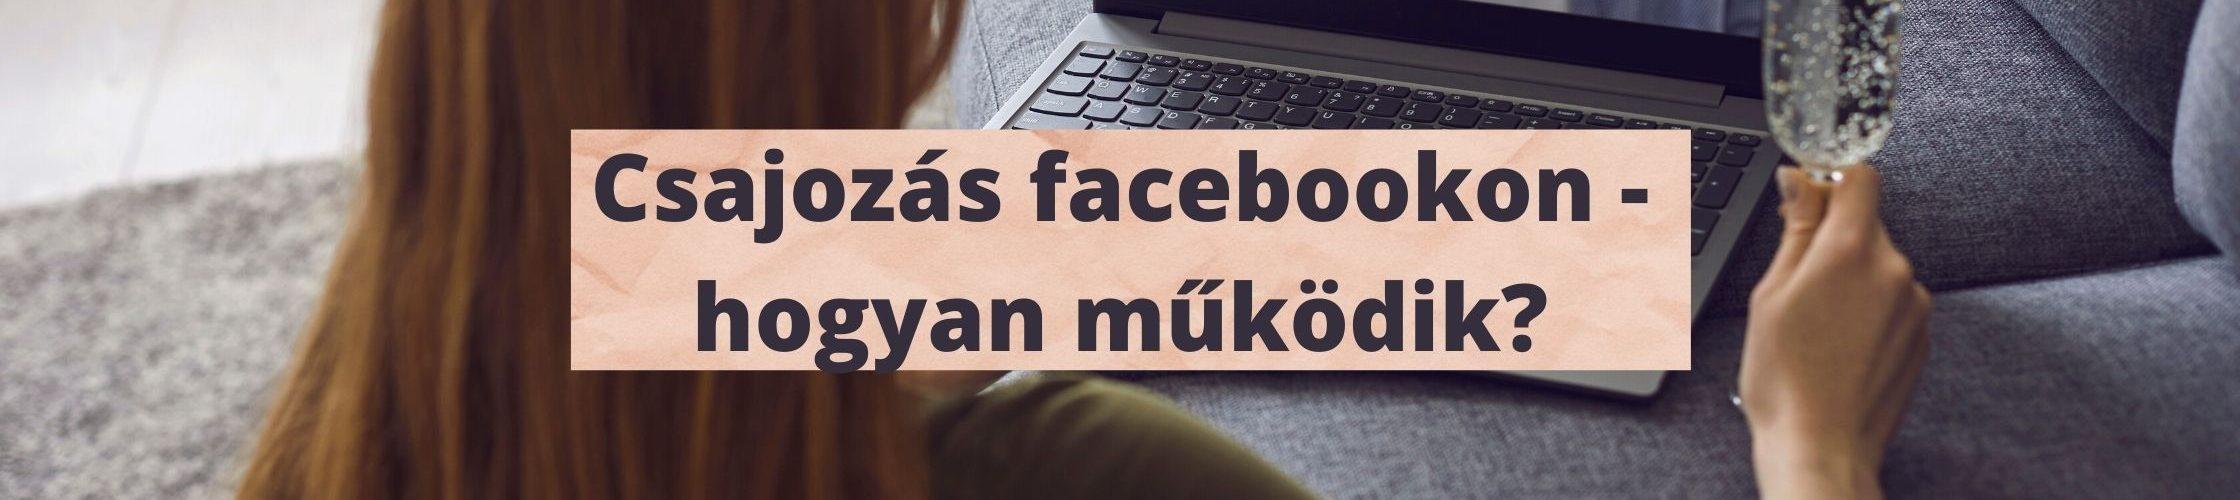 Ismerkedés facebookon